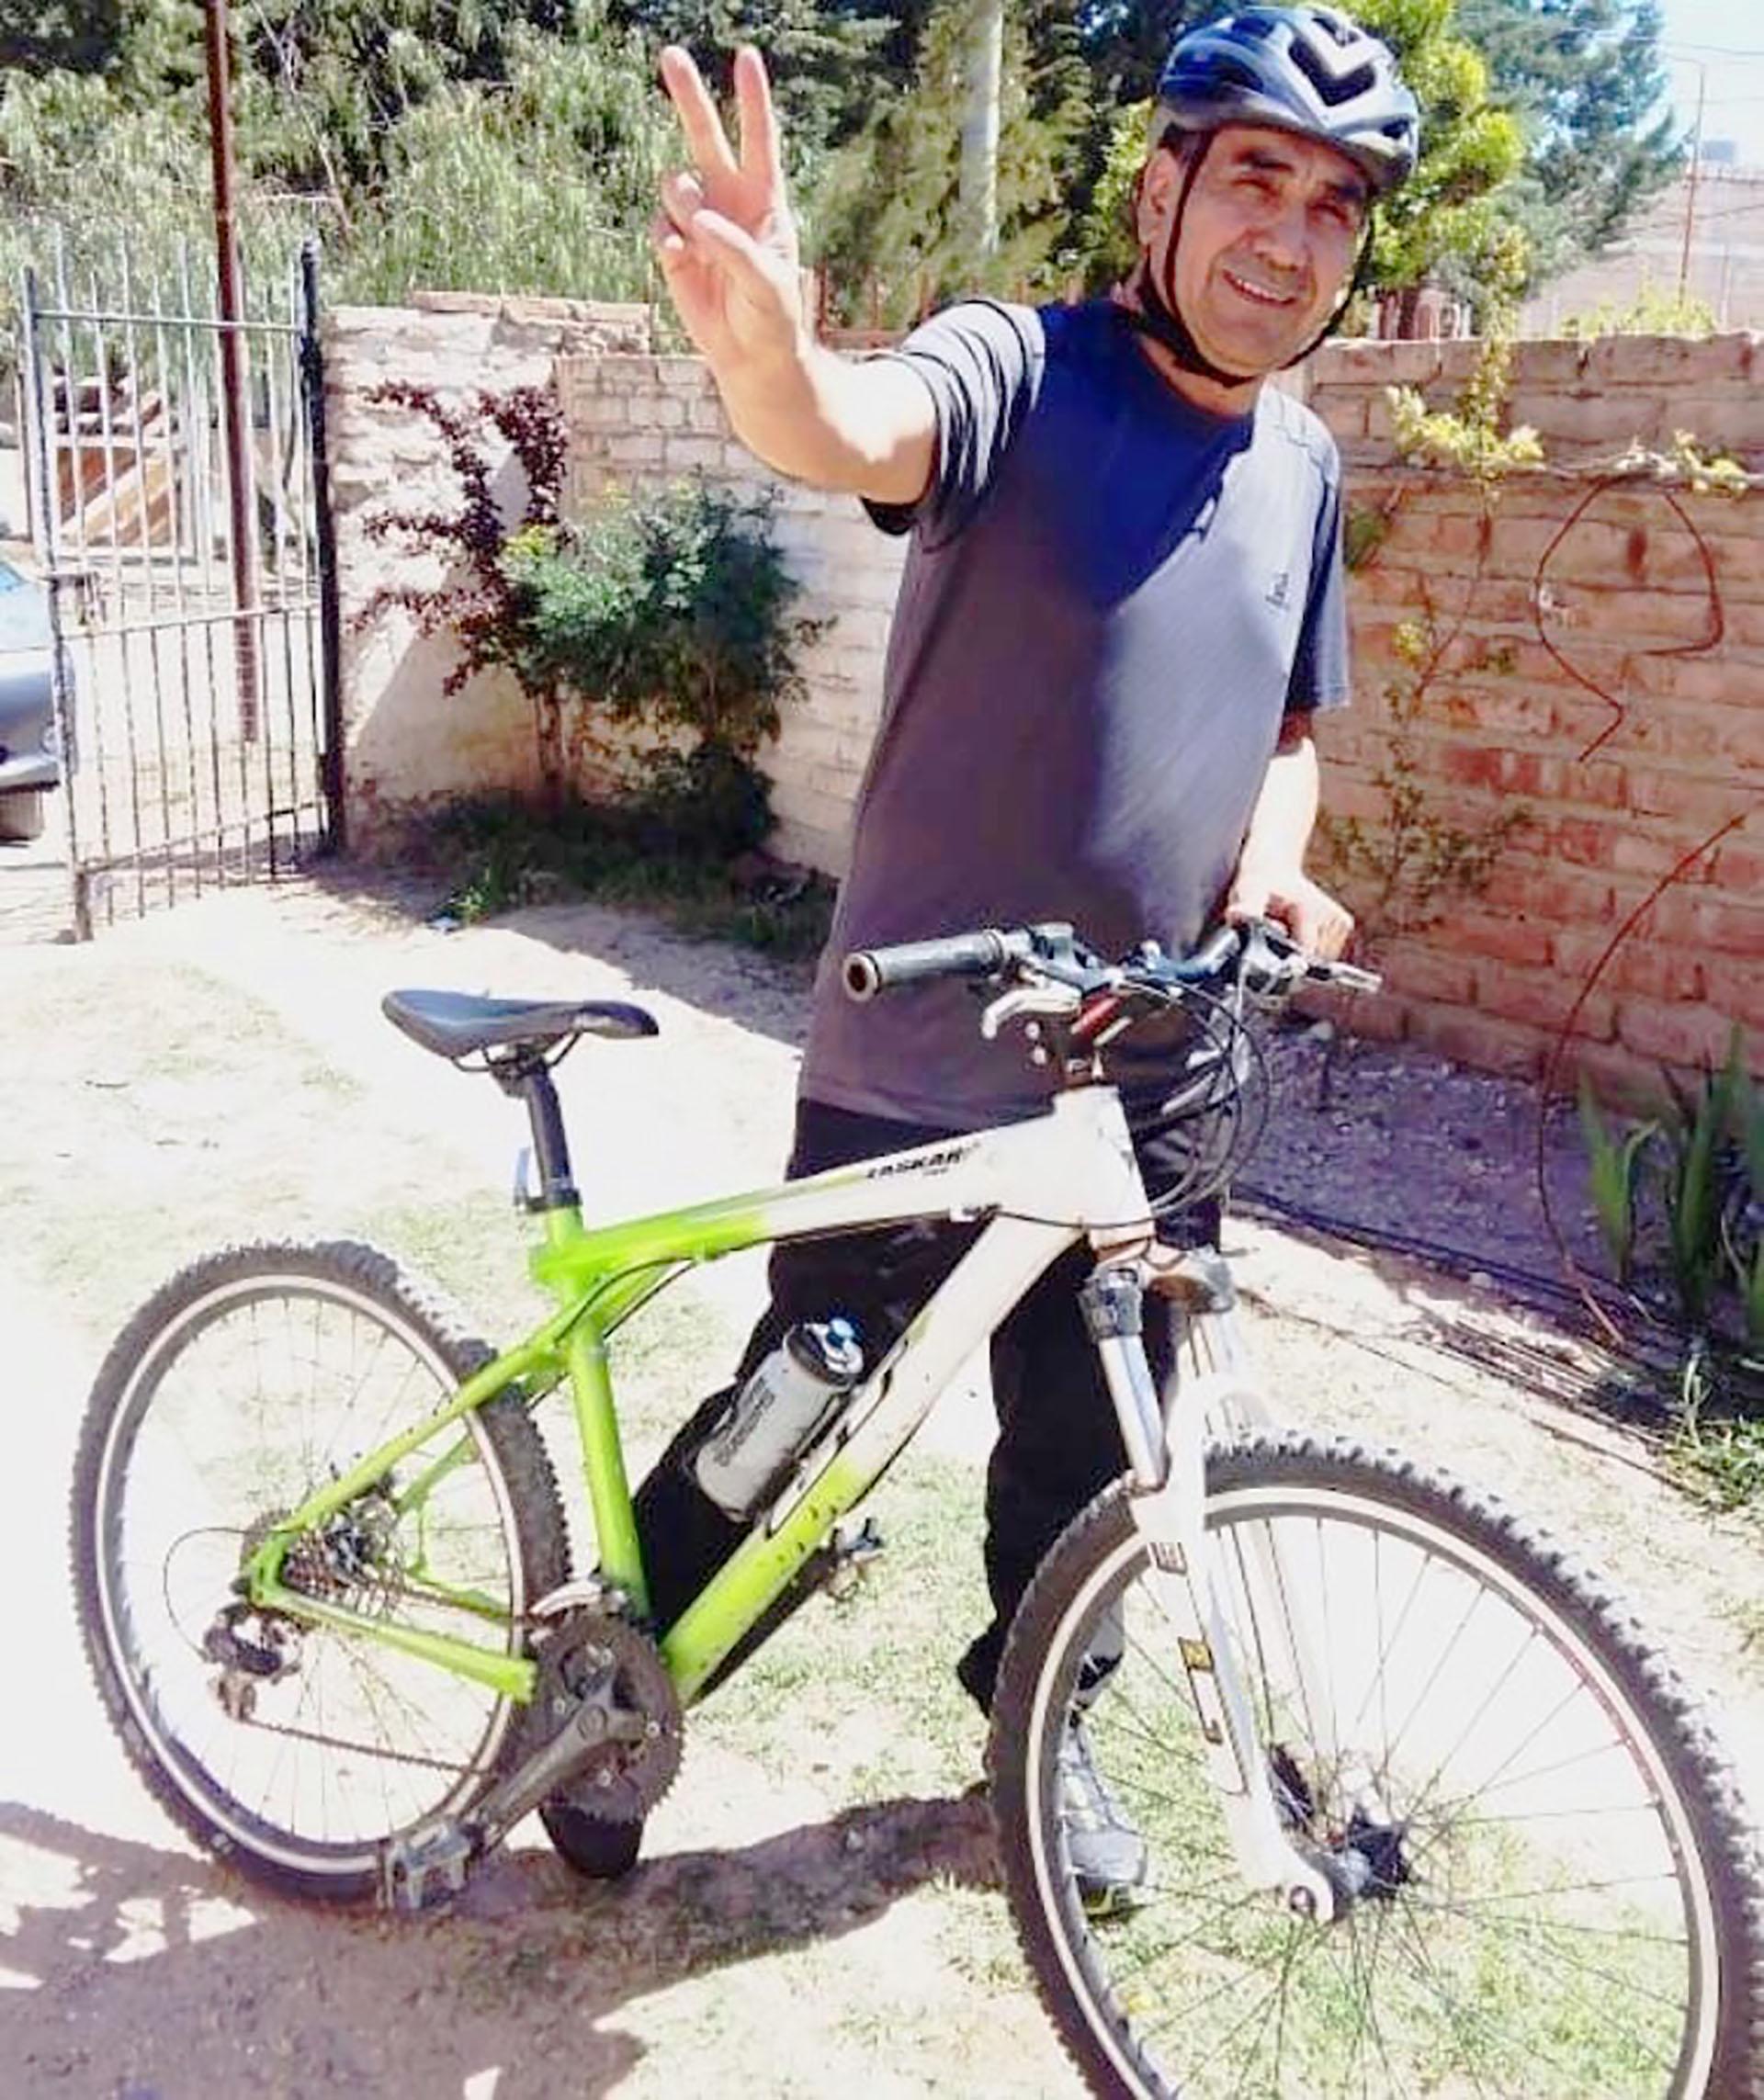 Rioseco pedalea al menos una hora todos los días y el domingo no será la excepción